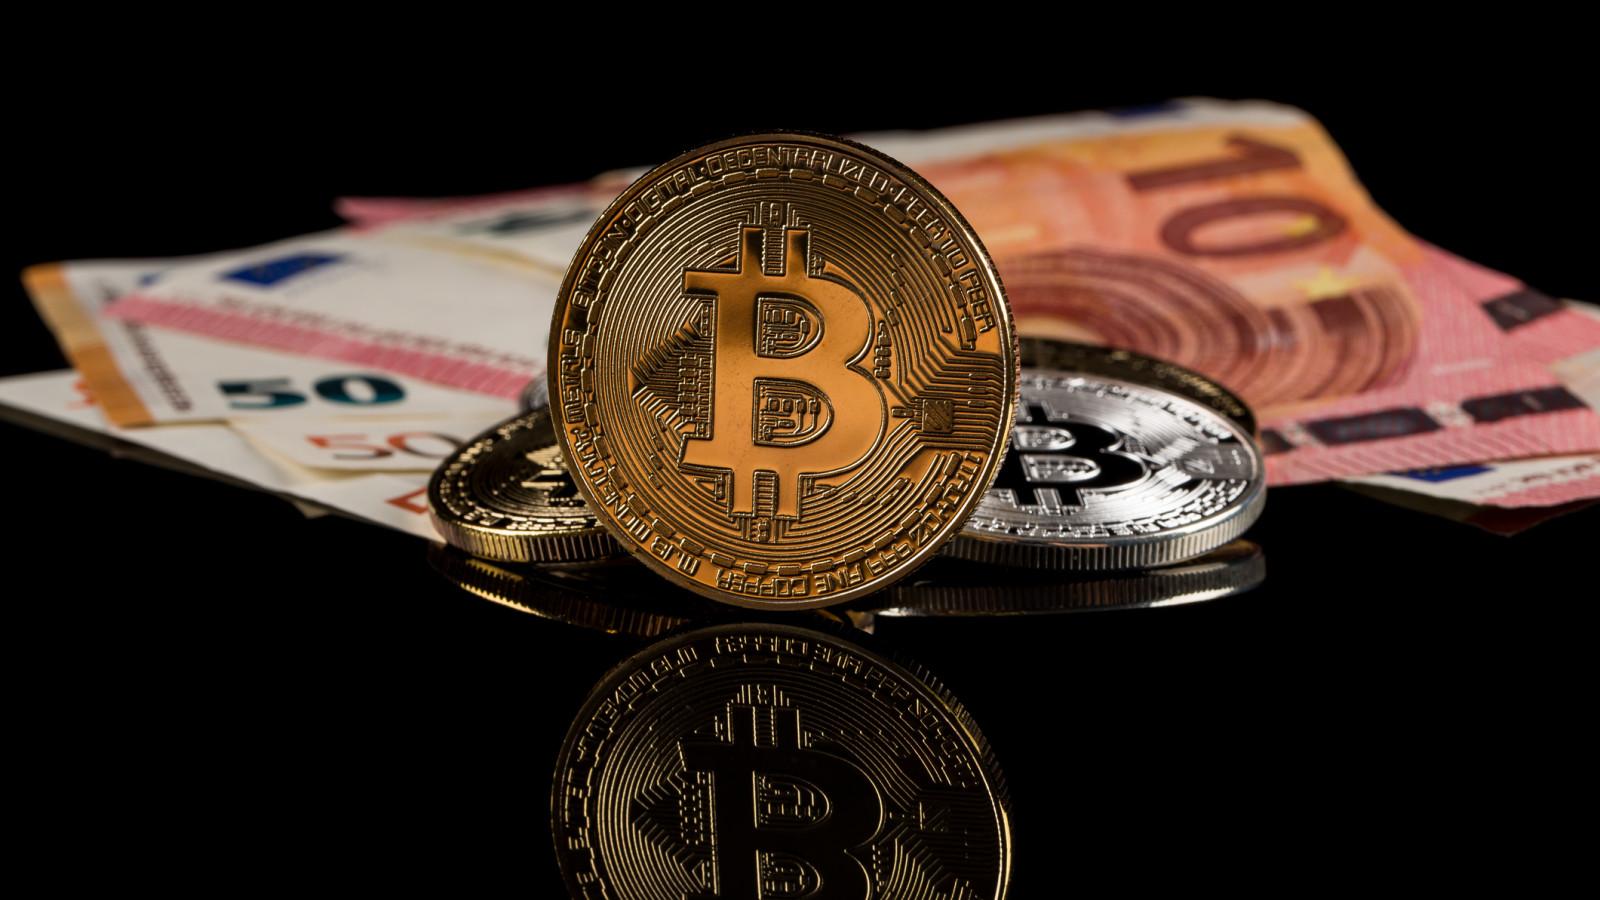 kryptowährung mining rig geld verdienen bitcoin rechnungseinheit